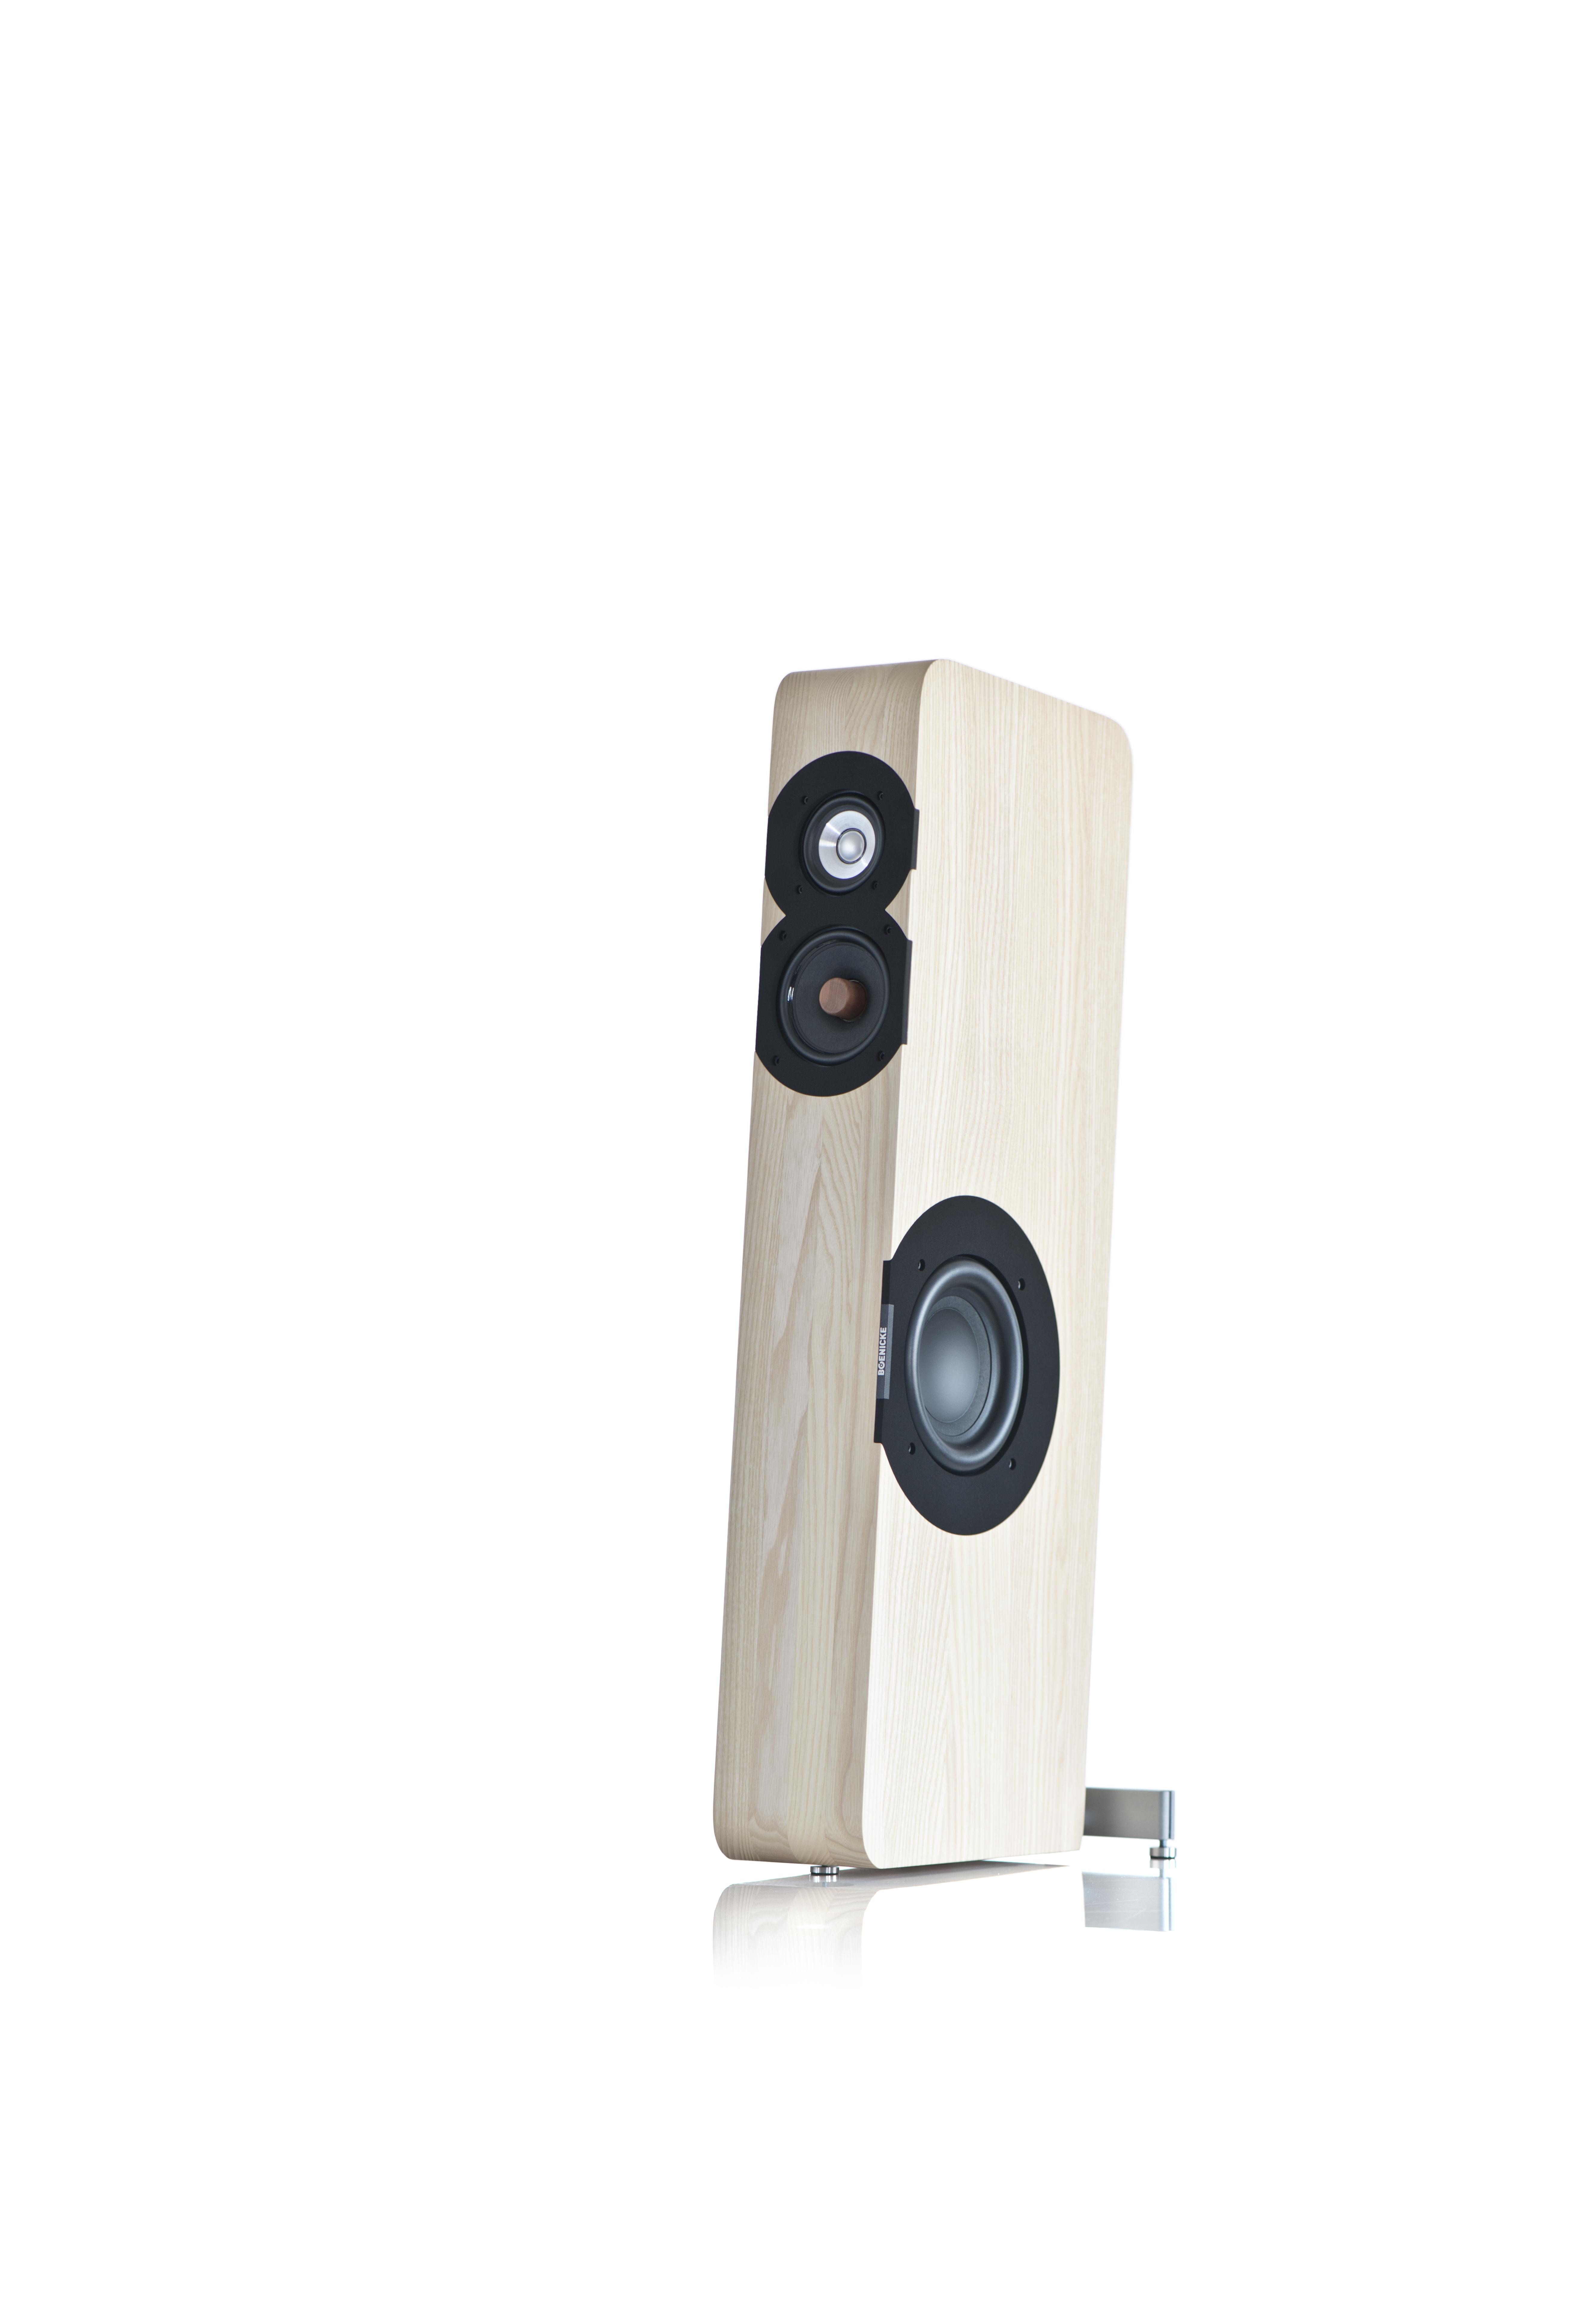 Boenicke Audio W8 Angle @ Audio Therapy